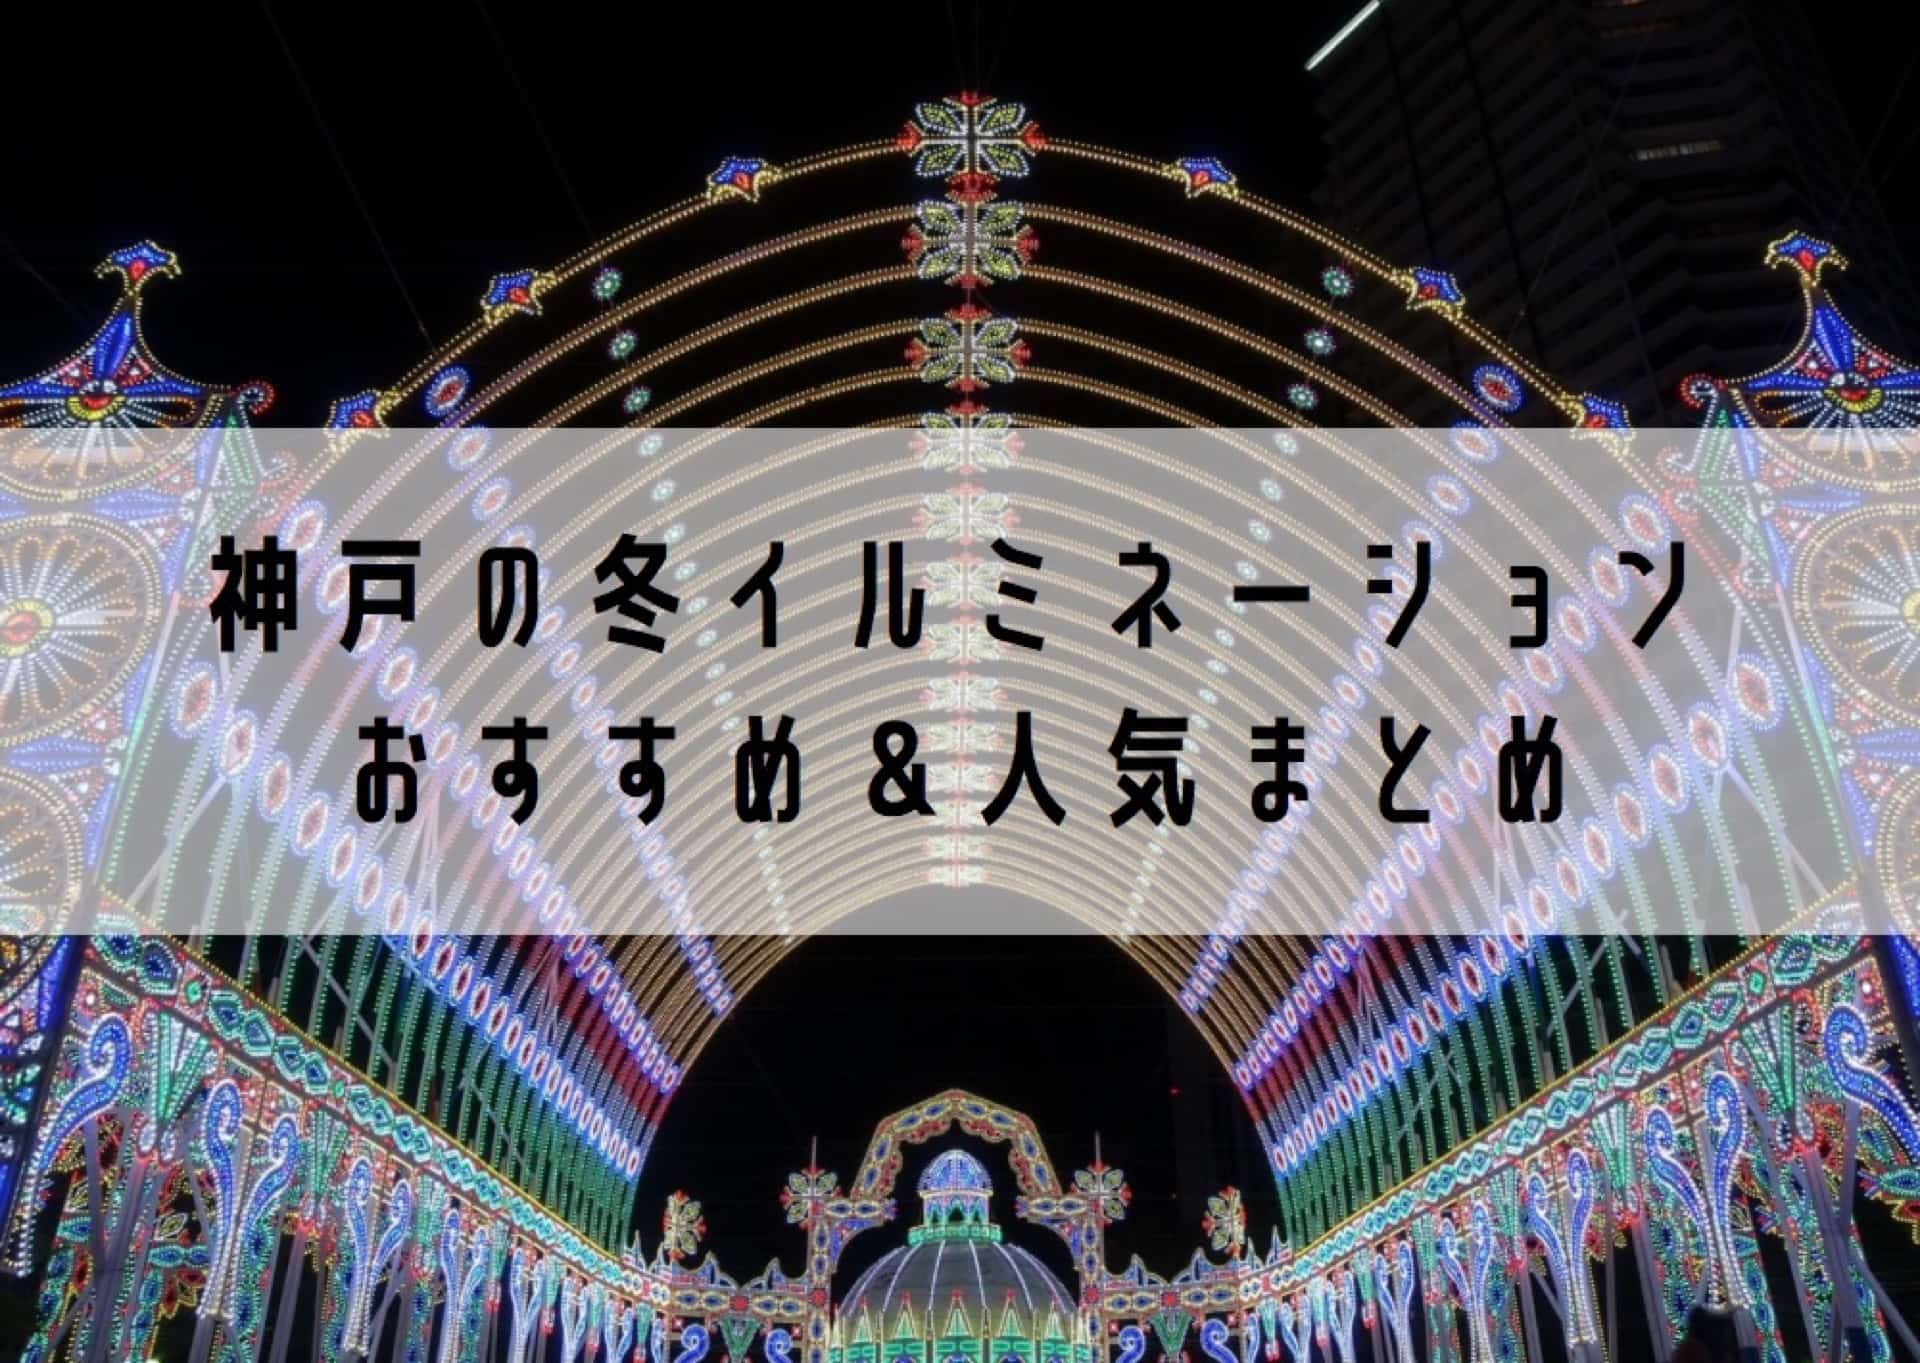 【2019-2020年】神戸のイルミネーション冬のおすすめ7選。クリスマスにぴったりな場所は?